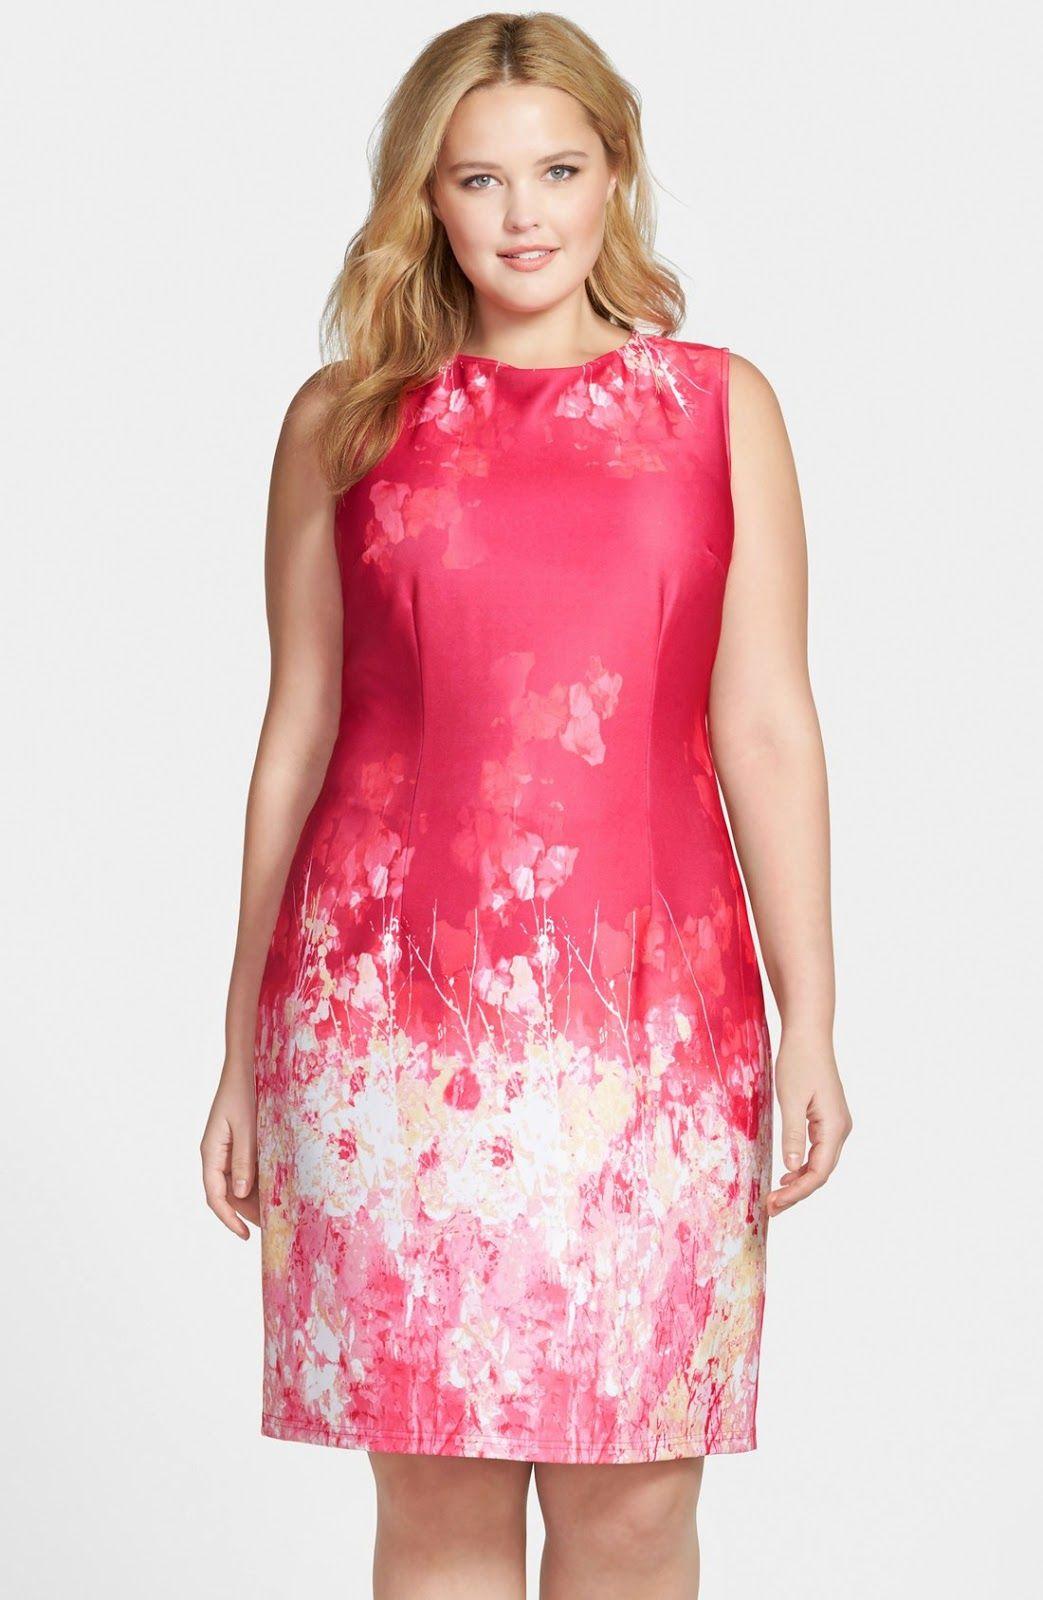 Vestidos para mujeres gorditas | RONDES | Pinterest | Vestidos para ...